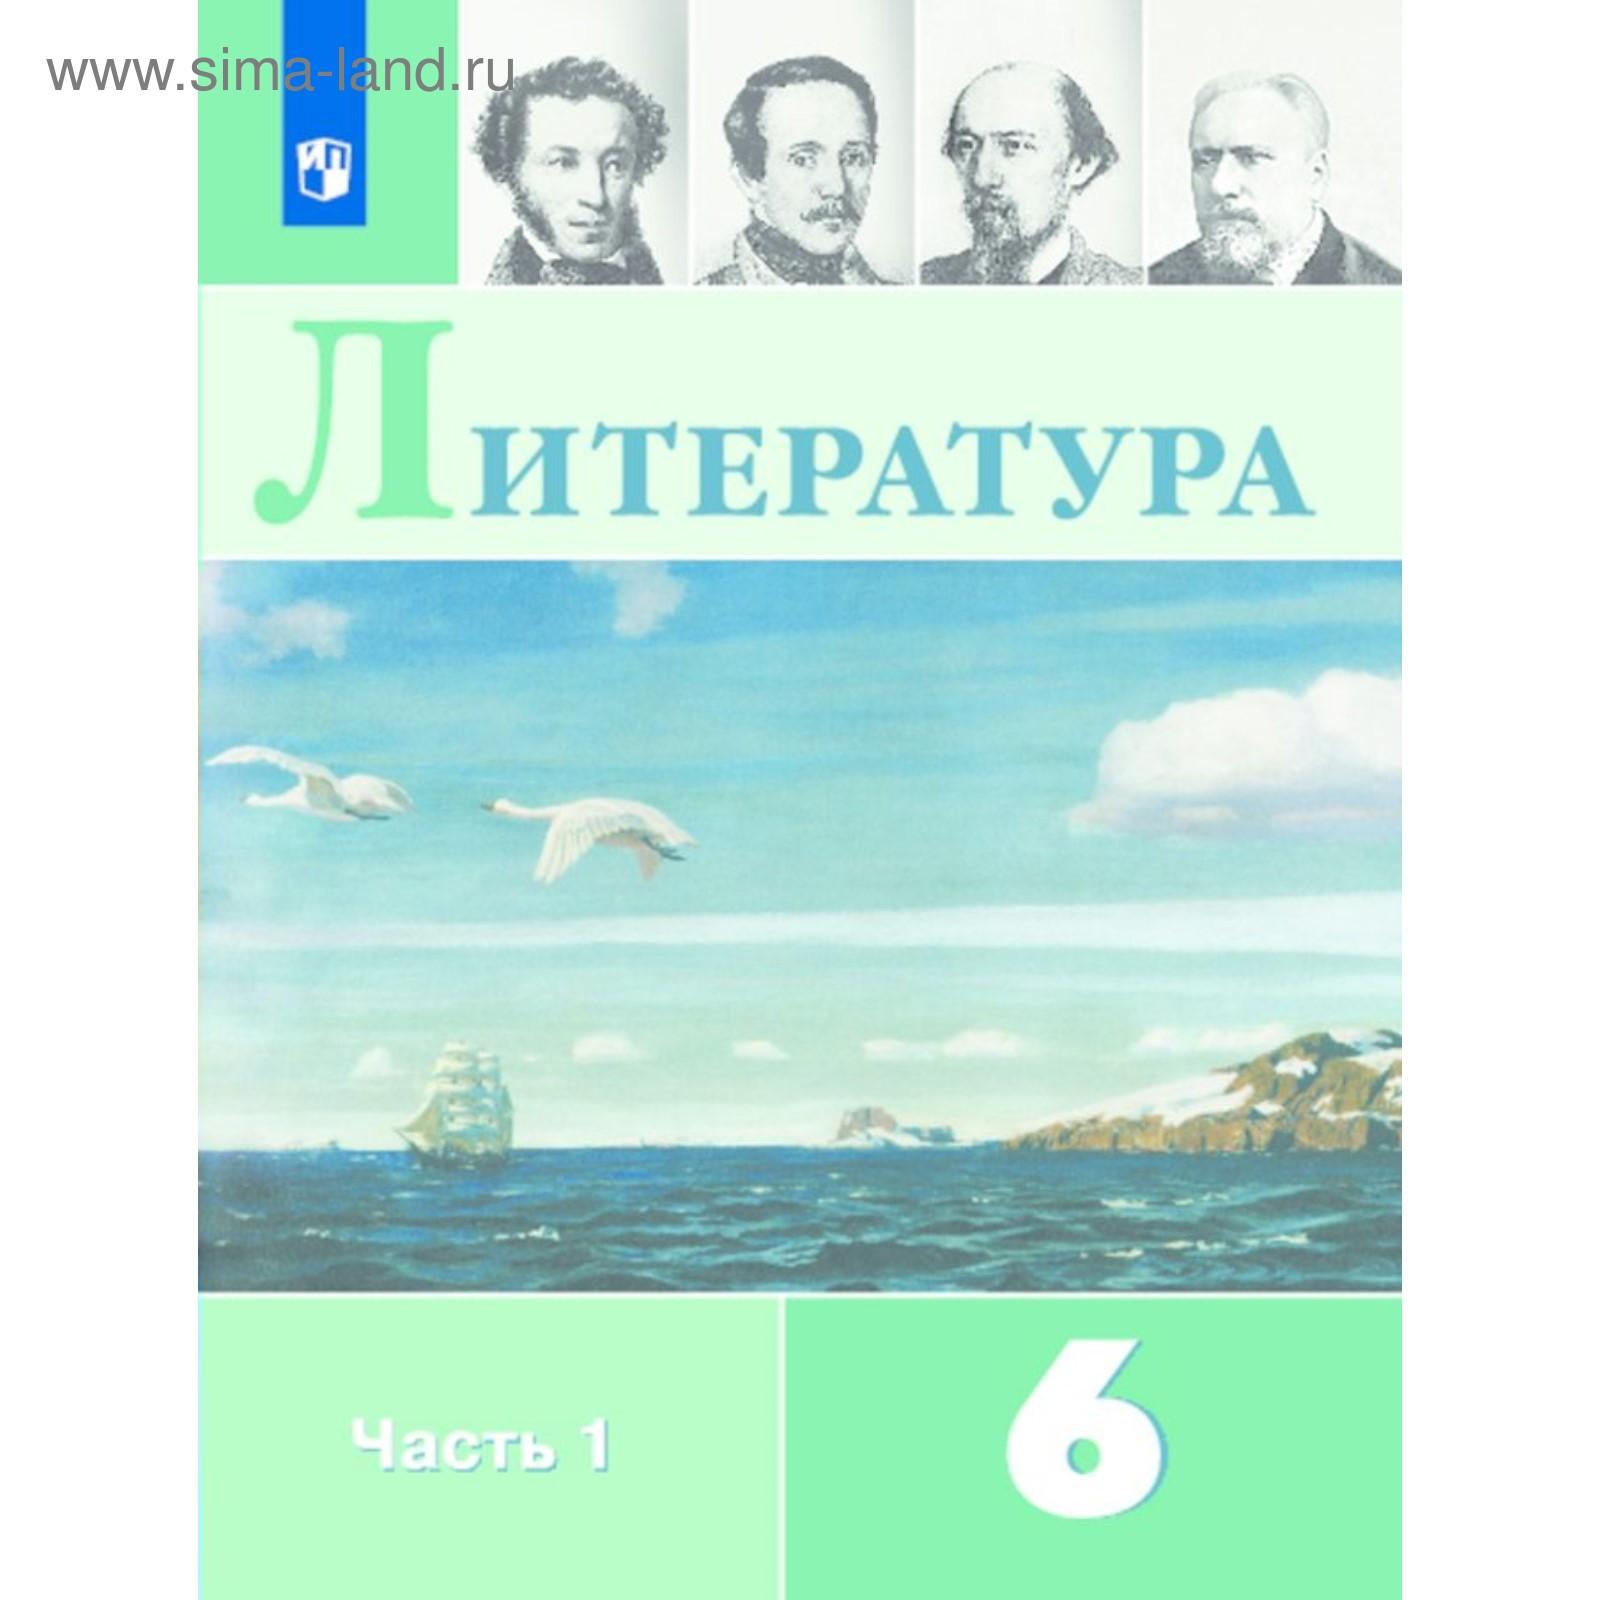 Полухина. Литература. 6 класс. В 2 частях. Часть 1.2 (комплект) Учебник.